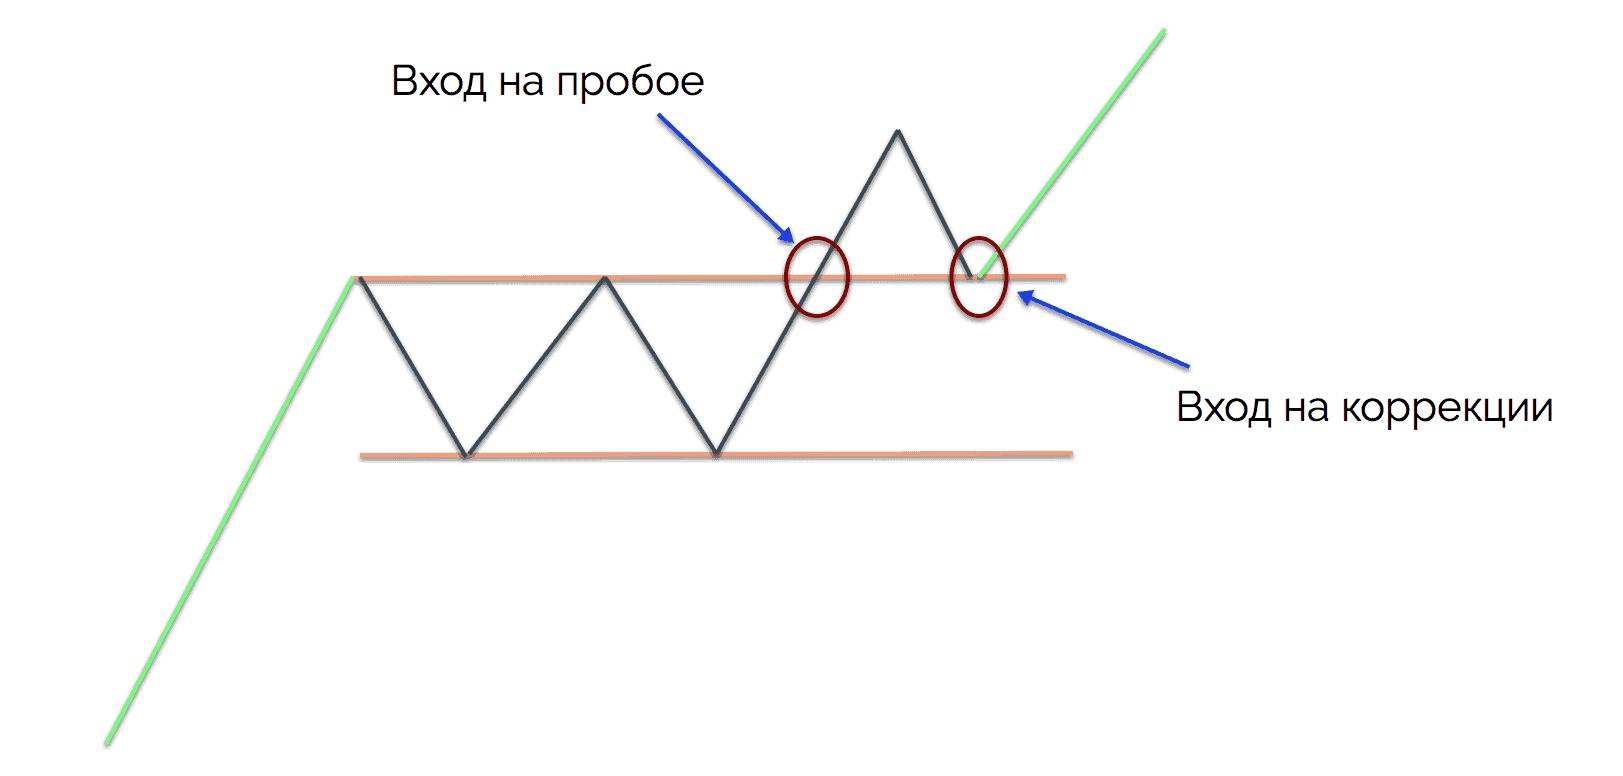 сетапы в трейдинге - паттерн прямоугольник